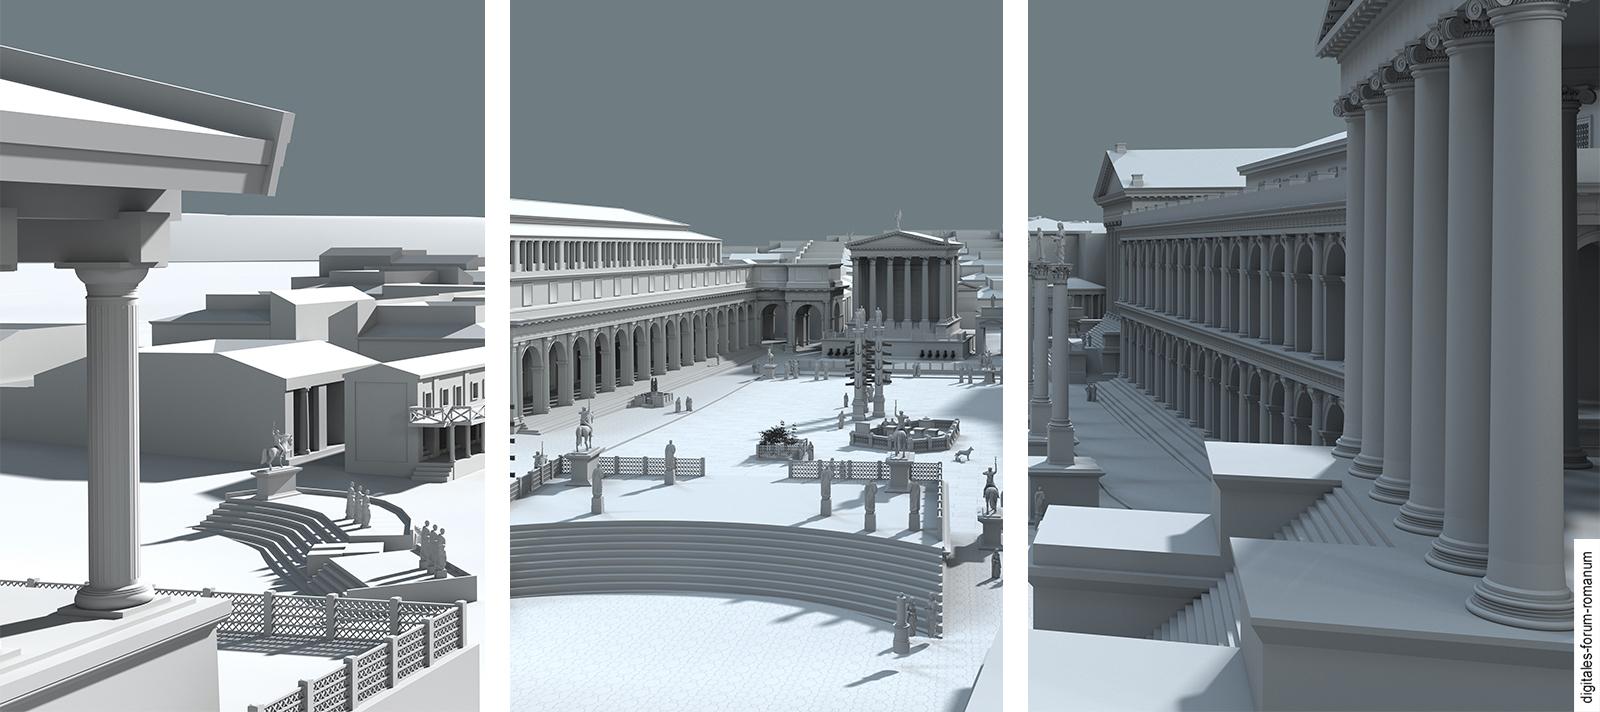 Forum Romanum 3.0. Roms antikes Zentrum zwischen Realität ...